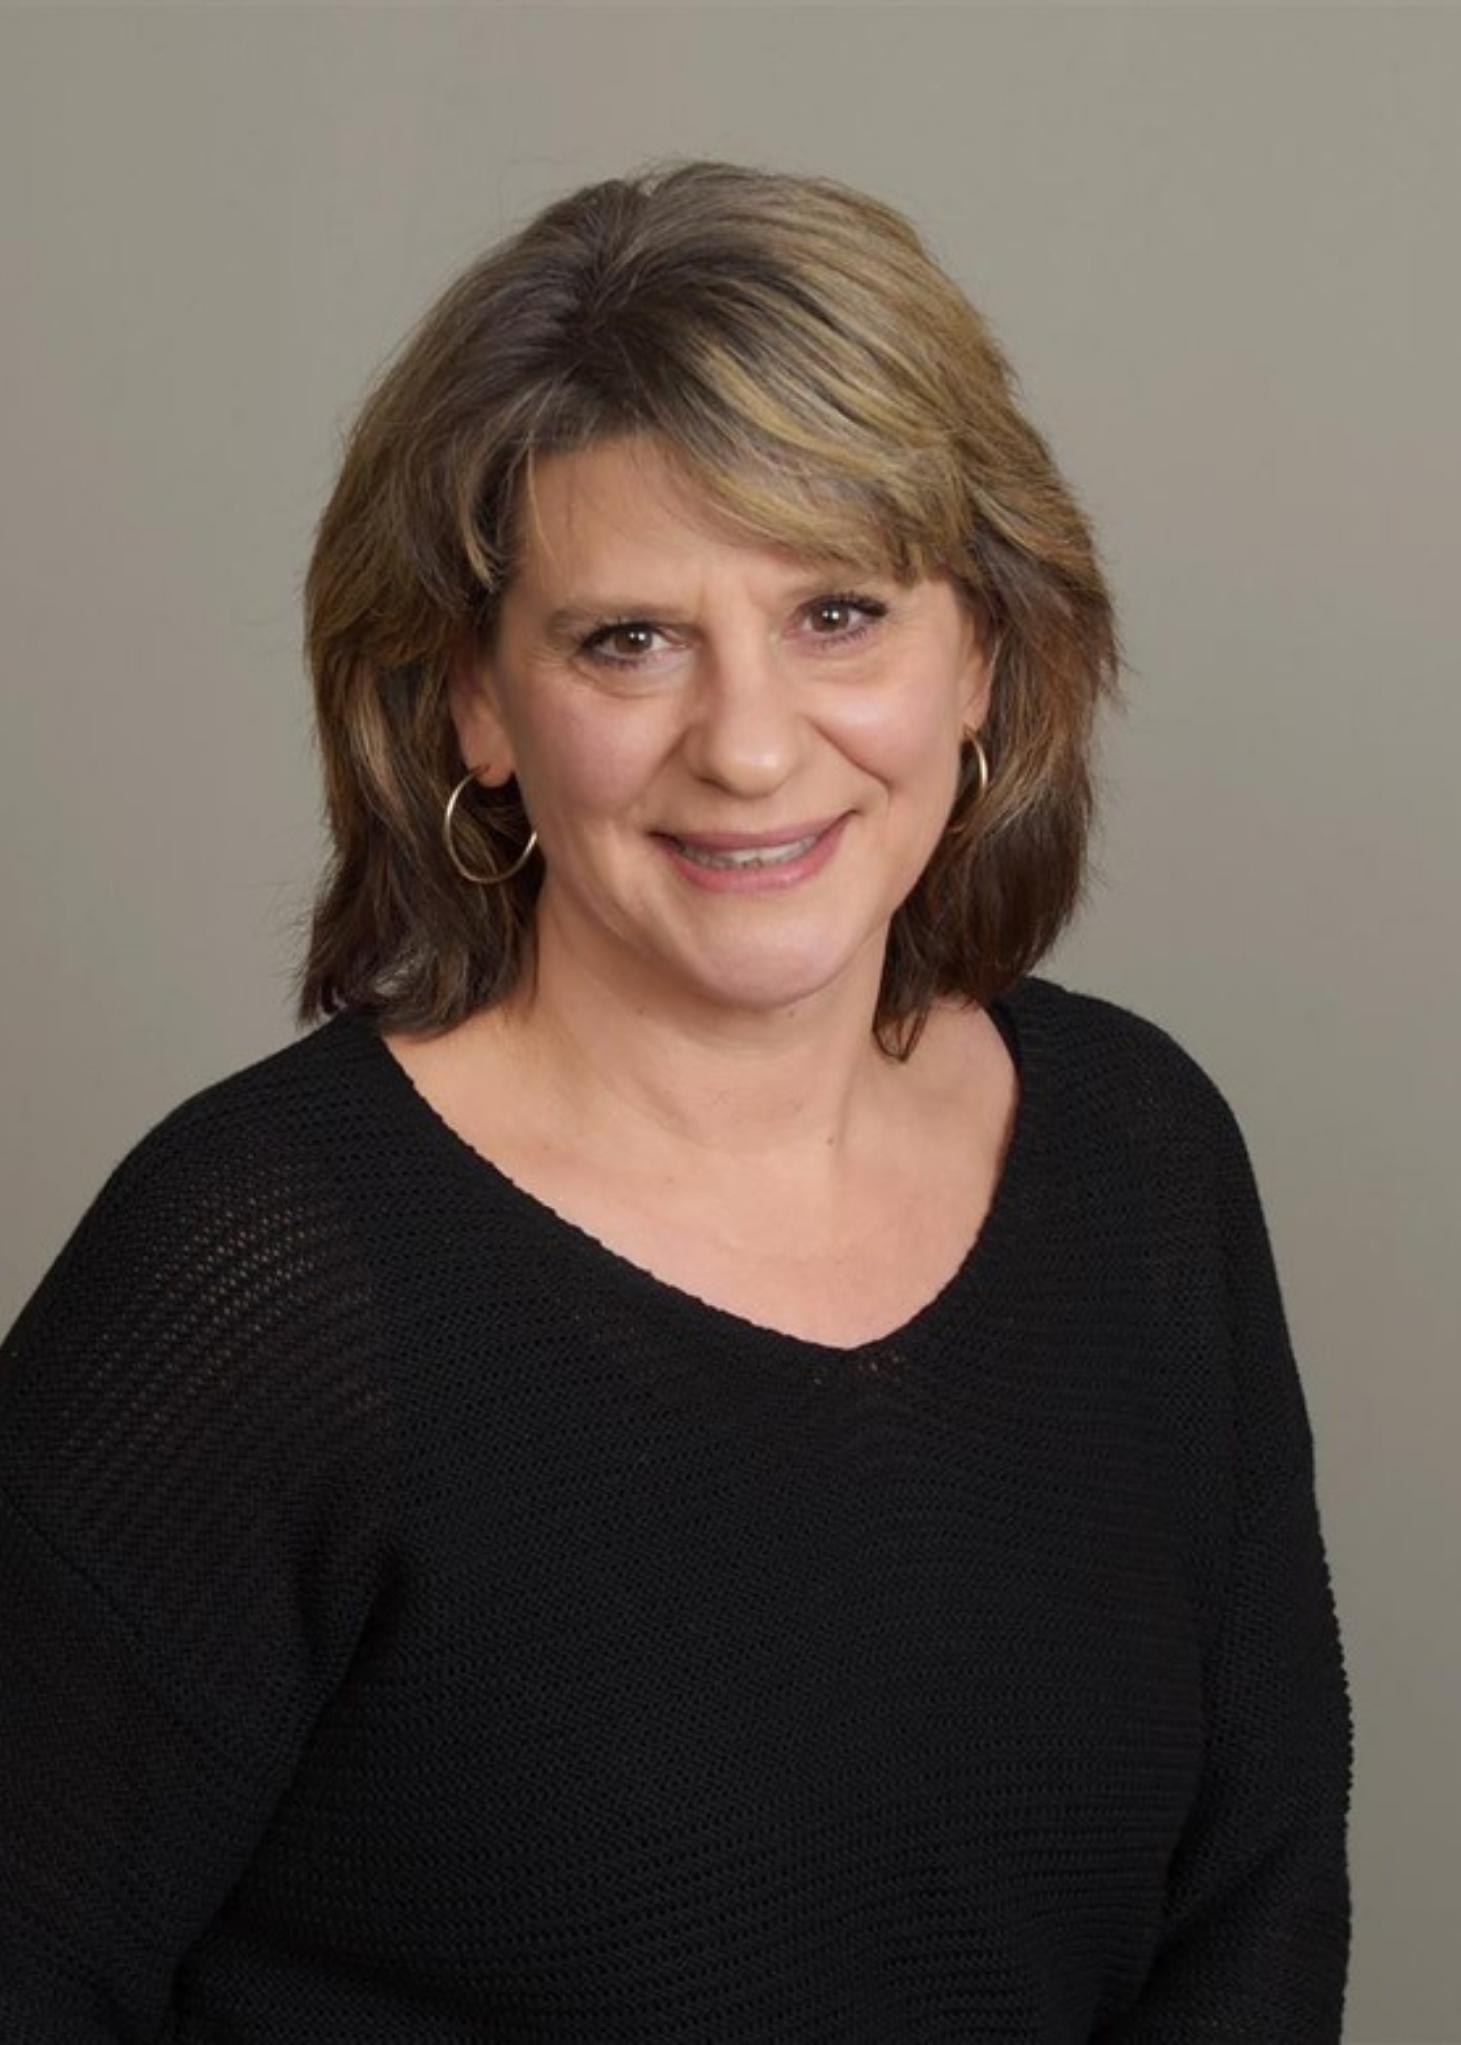 Suzanne Schempp